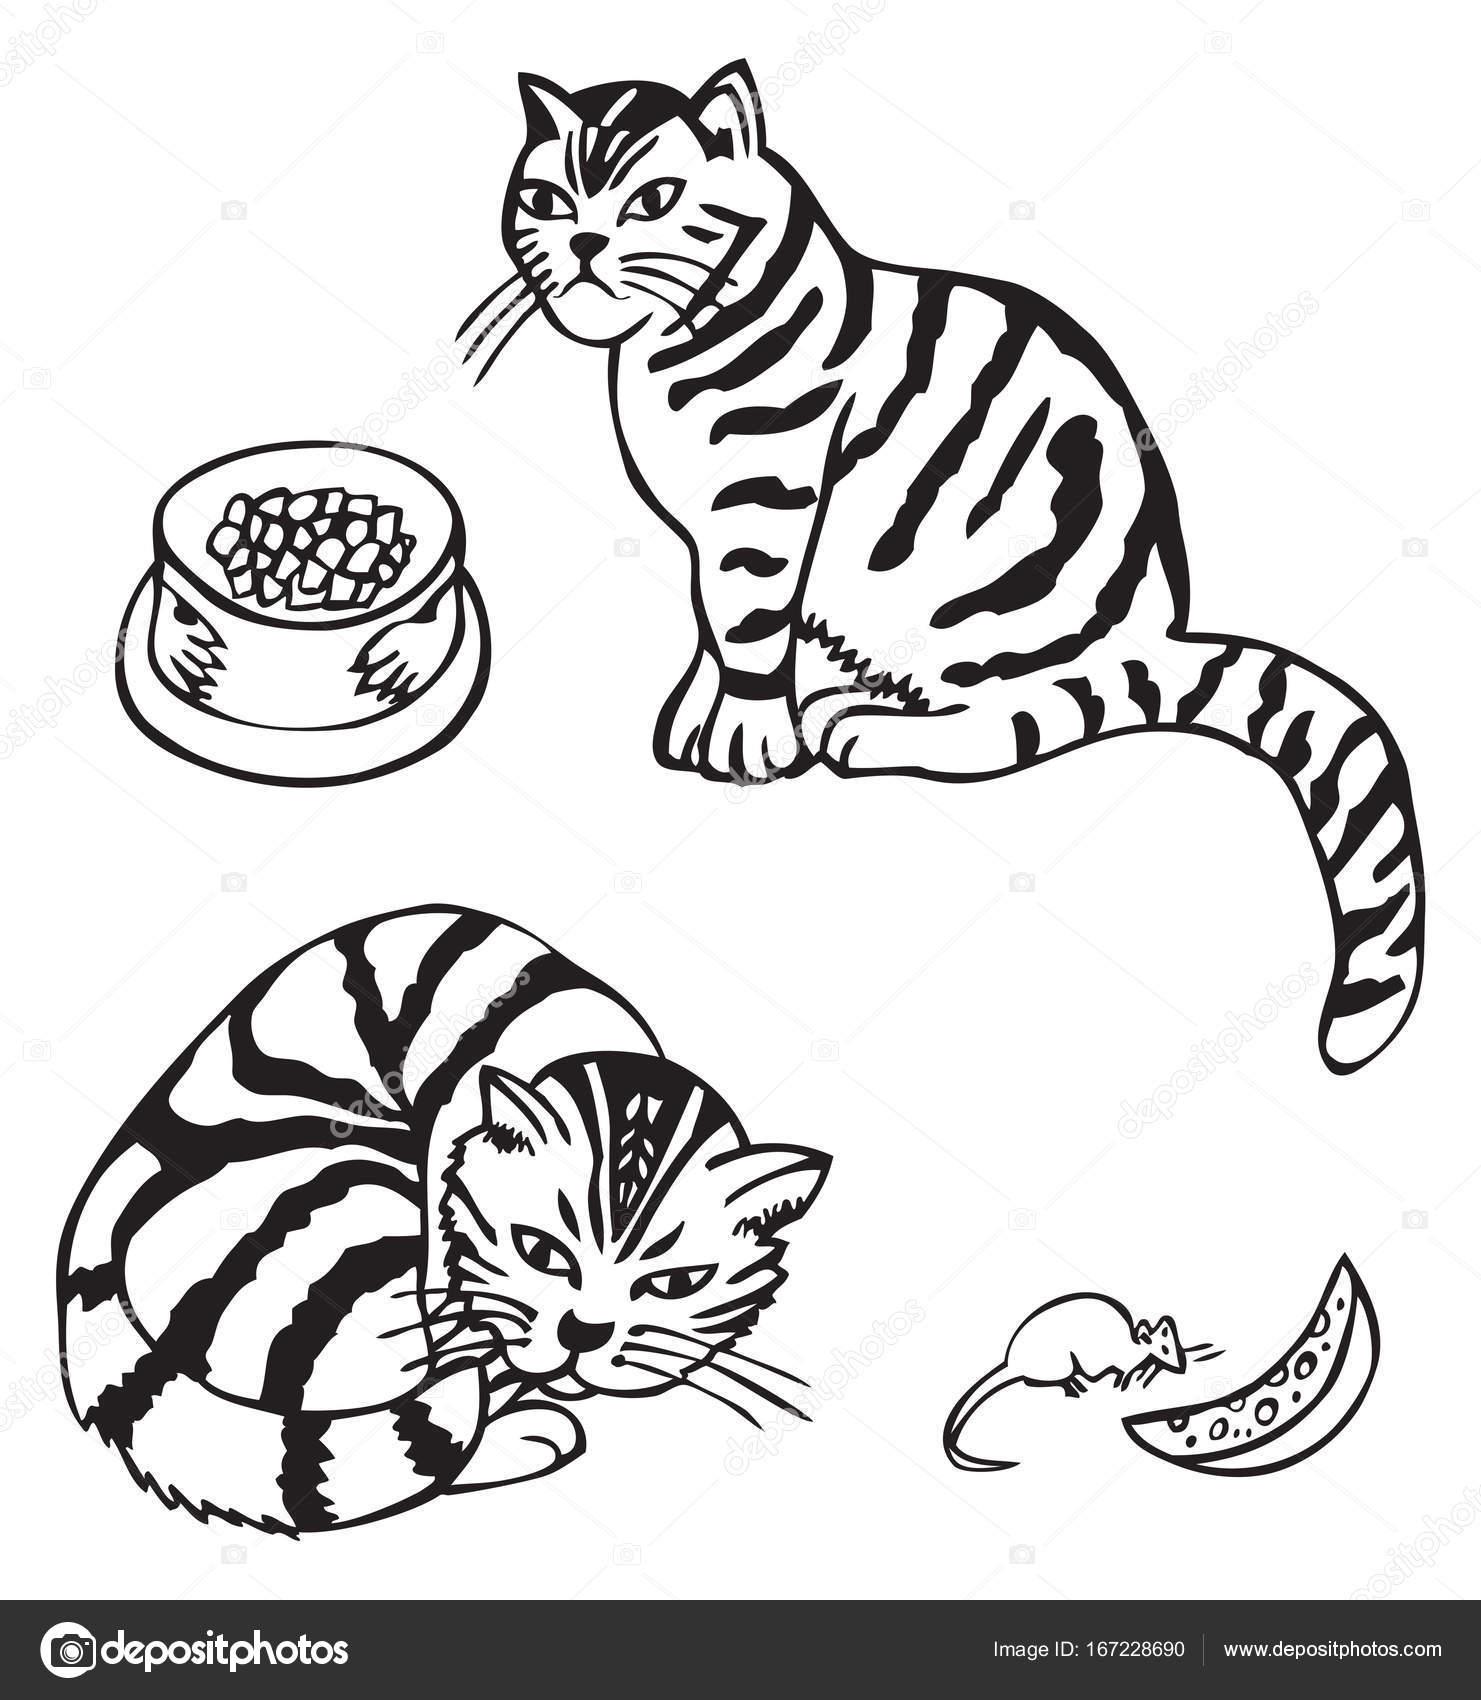 Kot I Mysz Z Serem Grafika Wektorowa Olga1983siv1 167228690